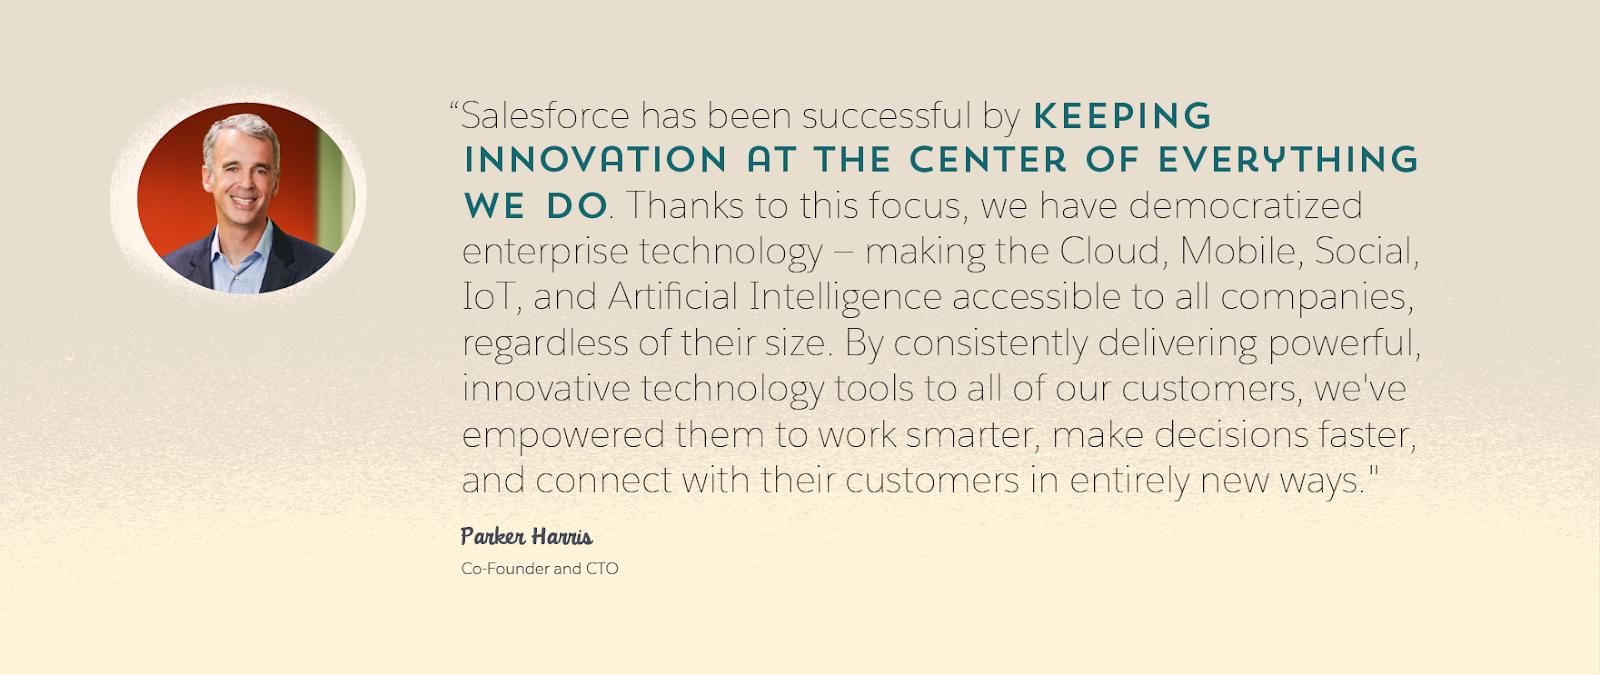 Image de Parker Harris, Co-fondateur et CTO de Salesforce, et une citation de lui: «Salesforce a connu la réussite en laissant l'innovation au centre de tout ce que nous entreprenons. Grâce à cette focalisation, nous avons démocratisé des technologies d'entreprise: nous avons rendu le cloud, le mobile, les fonctionnalités sociales, l'IoT et l'intelligence artificielle accessibles à toutes les entreprises, quelle que soit leur taille. En offrant systématiquement des outils technologiques puissants et innovants à tous nos clients, nous leur avons permis de travailler plus intelligemment, de prendre des décisions plus rapidement, et de se connecter à leurs clients de façon totalement nouvelle.»